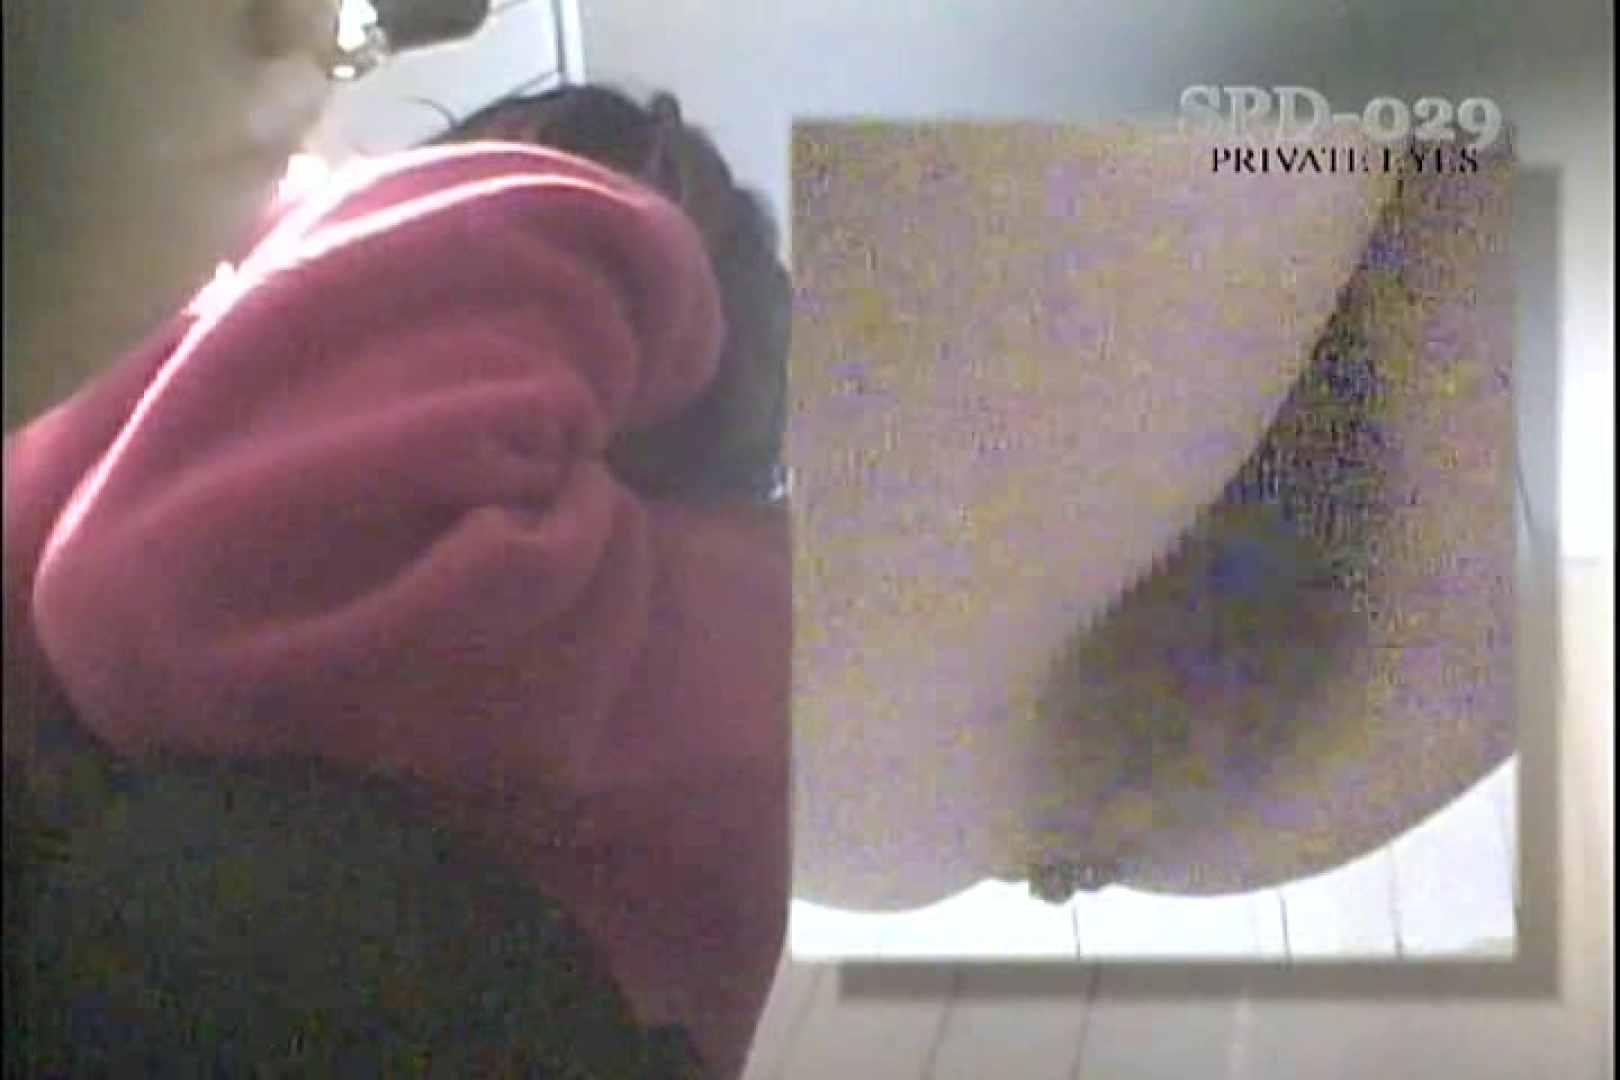 高画質版!SPD-029 和式厠 モリモリスペシャル 名作 盗撮ヌード画像 86画像 79